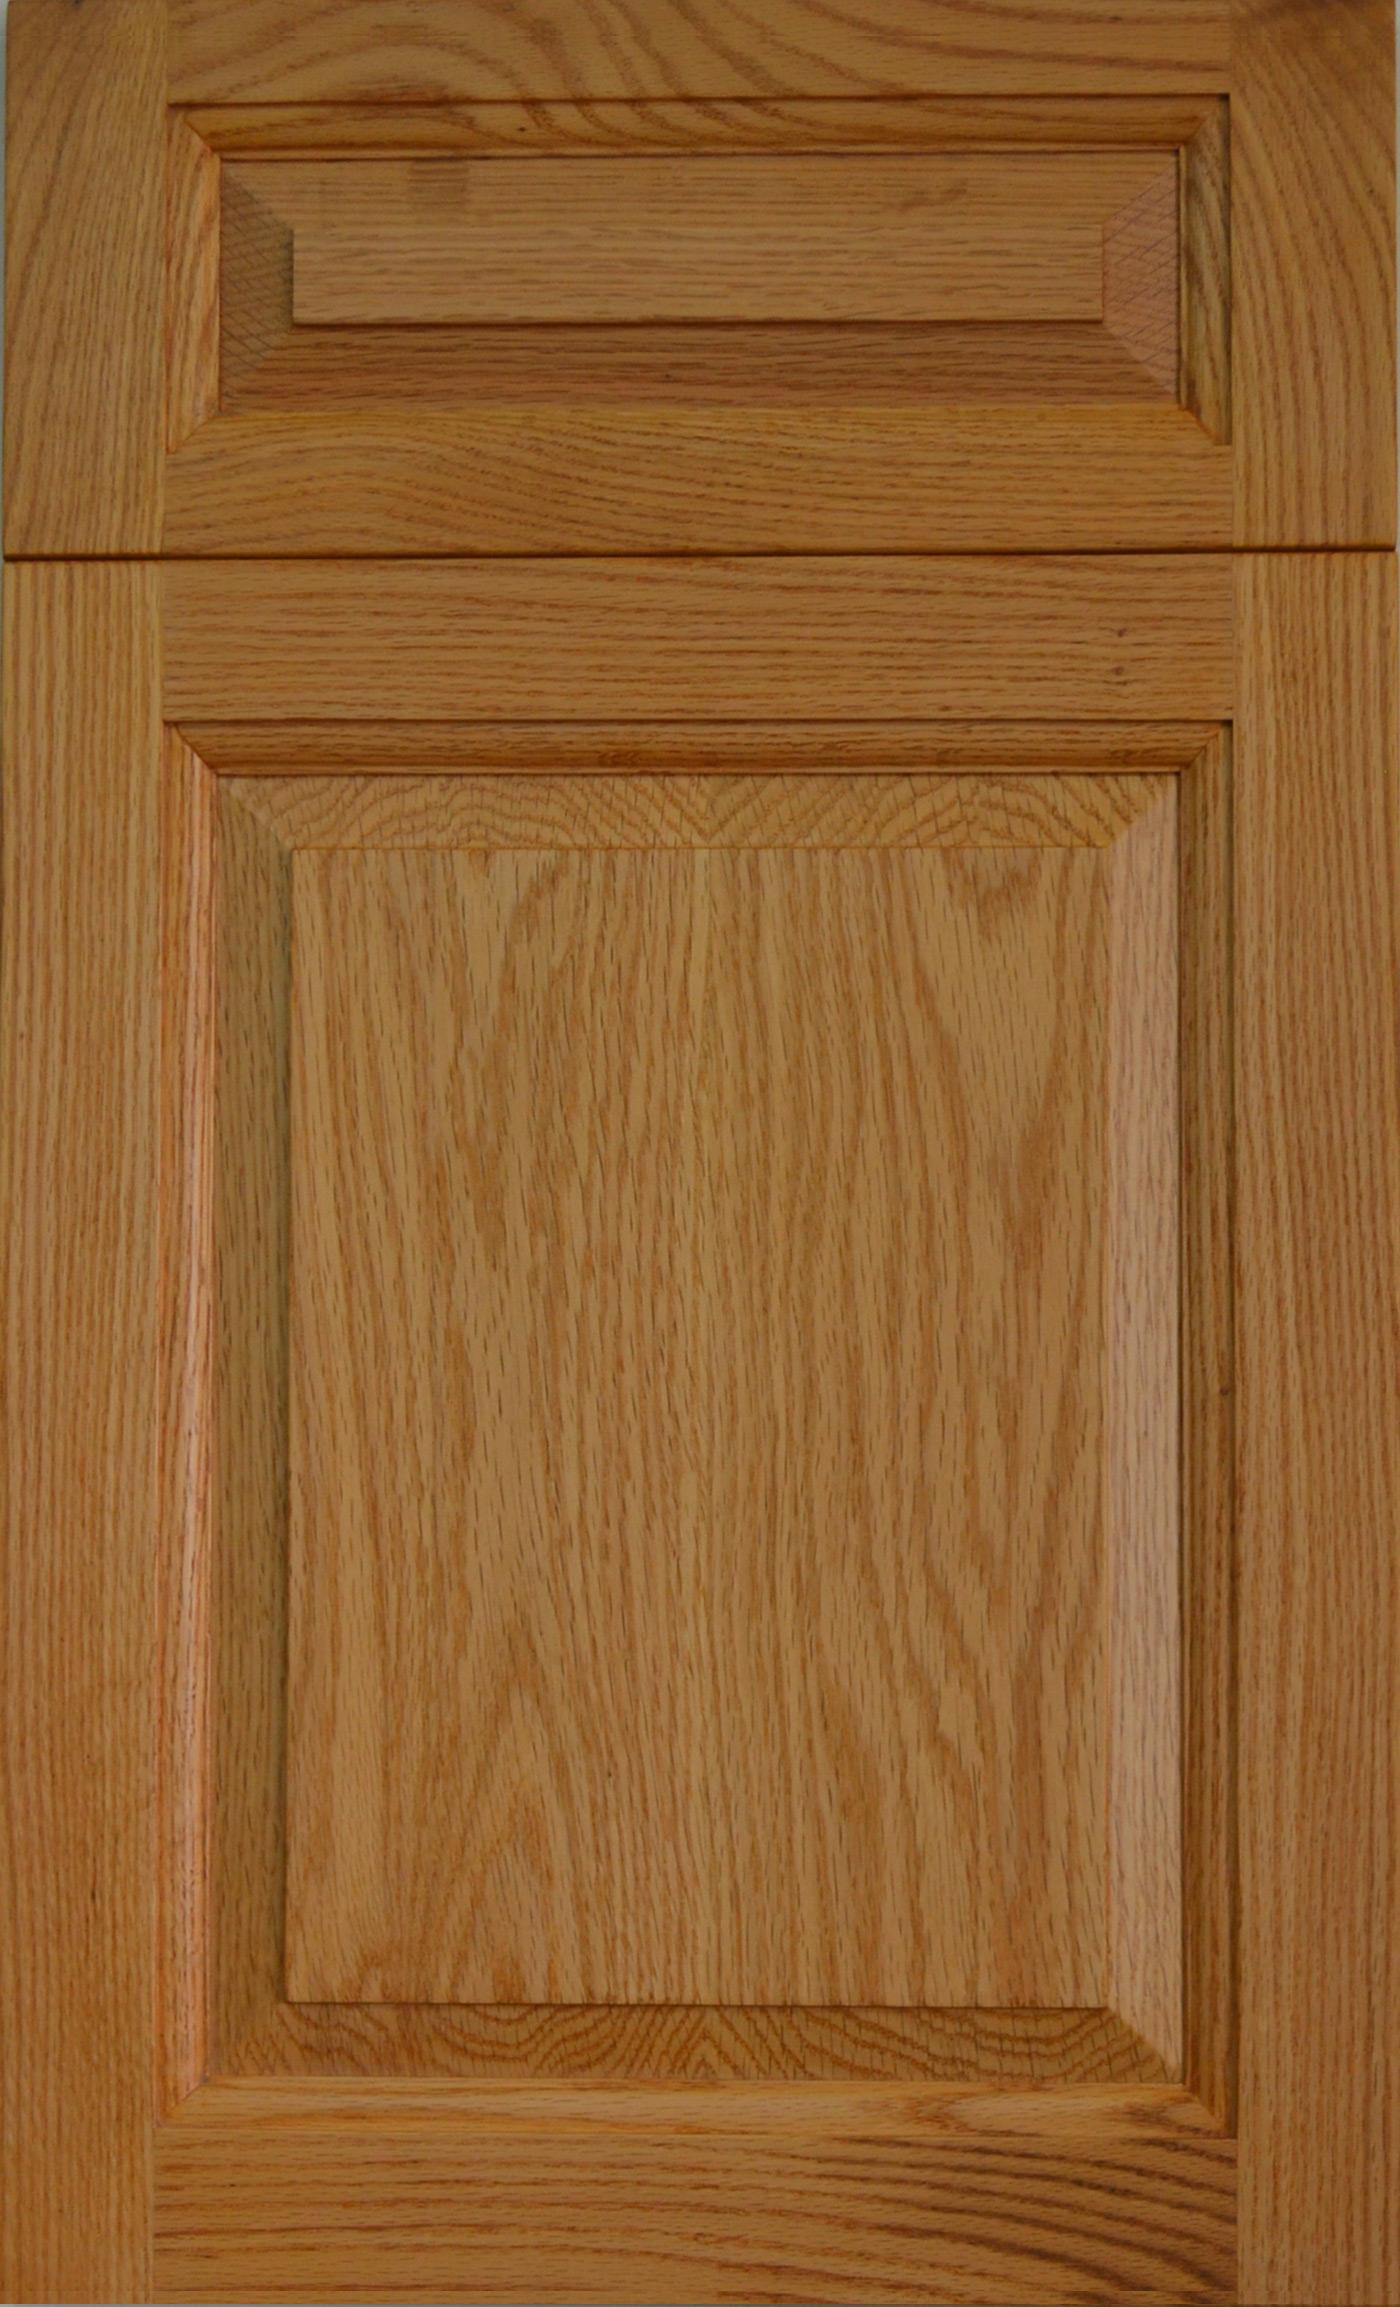 供应实木门板/实木橱柜门板